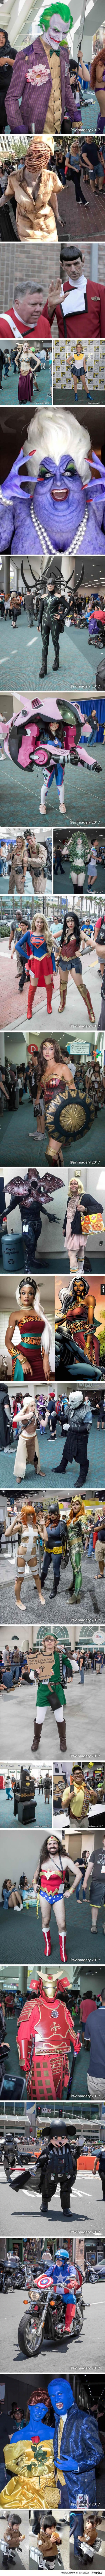 Najlepszy cosplay z comic conu w San diego